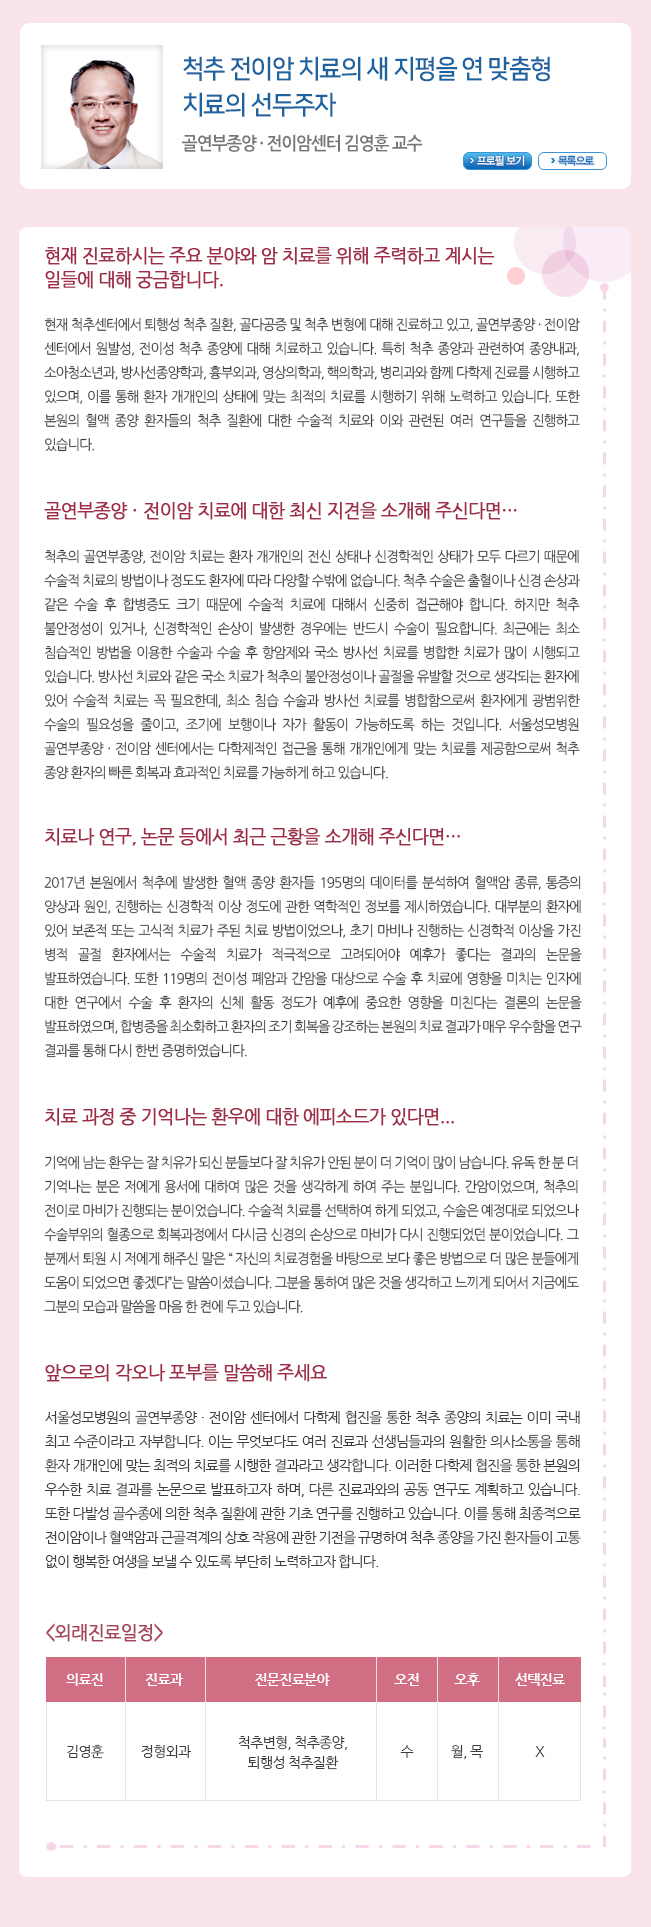 척추 전이암 치료의 새 지평을 연 맞춤형 치료의 선두주자 김영훈 교수